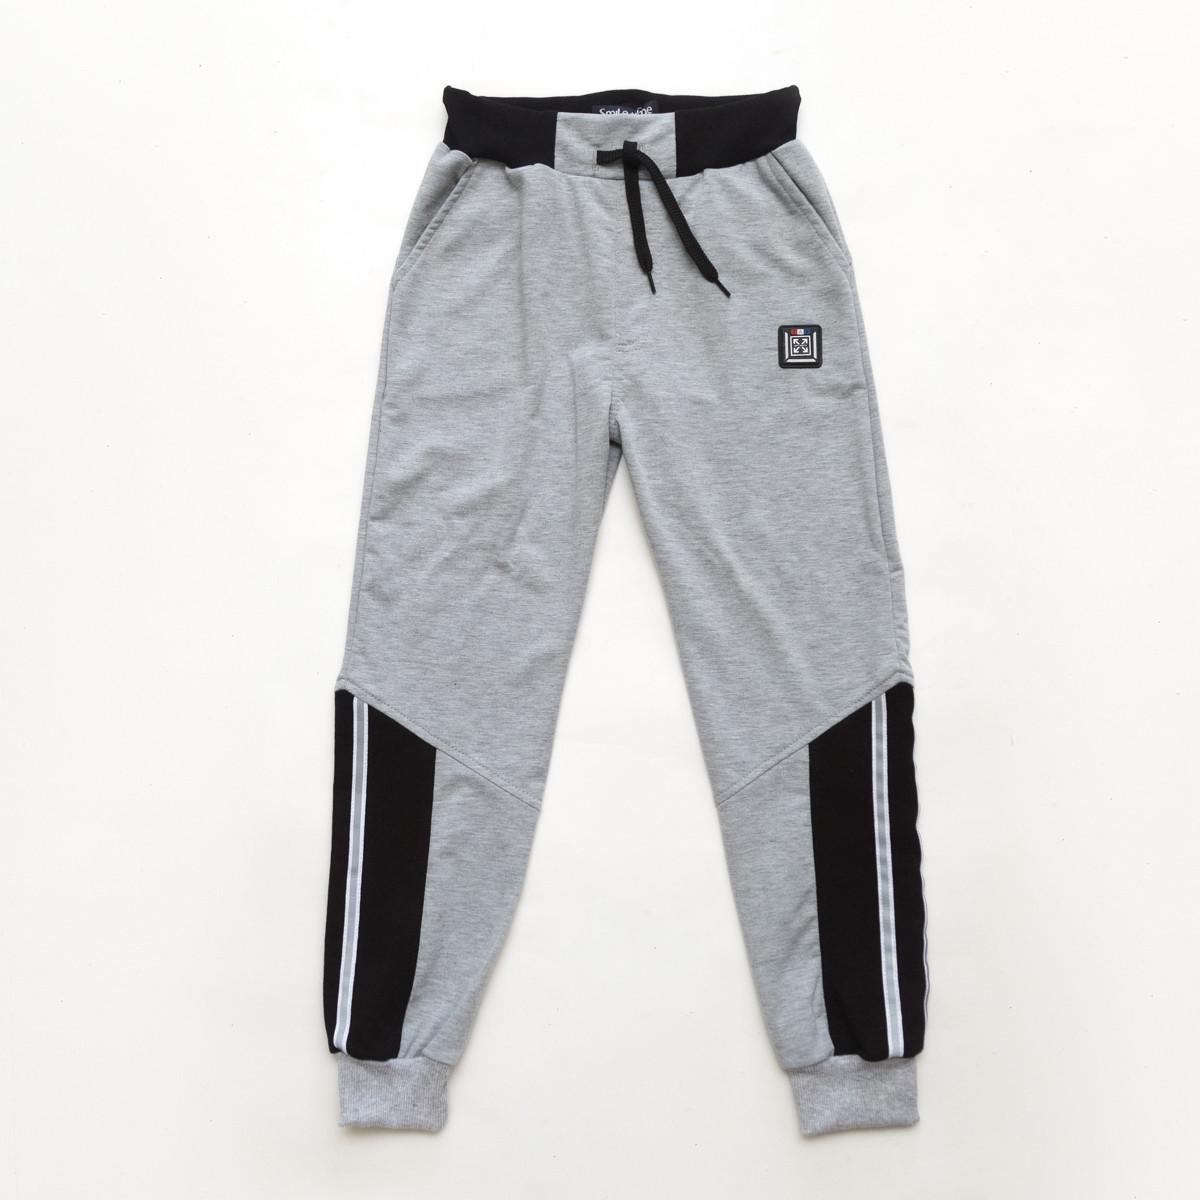 Спортивные штаны для мальчика р.128,134,140,146,152,158 SmileTime Reflective, серые